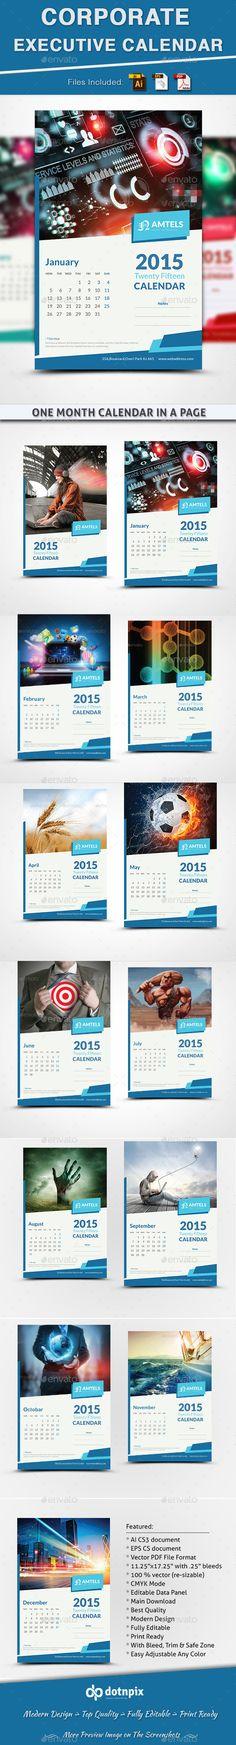 Corporate Executive Calendar